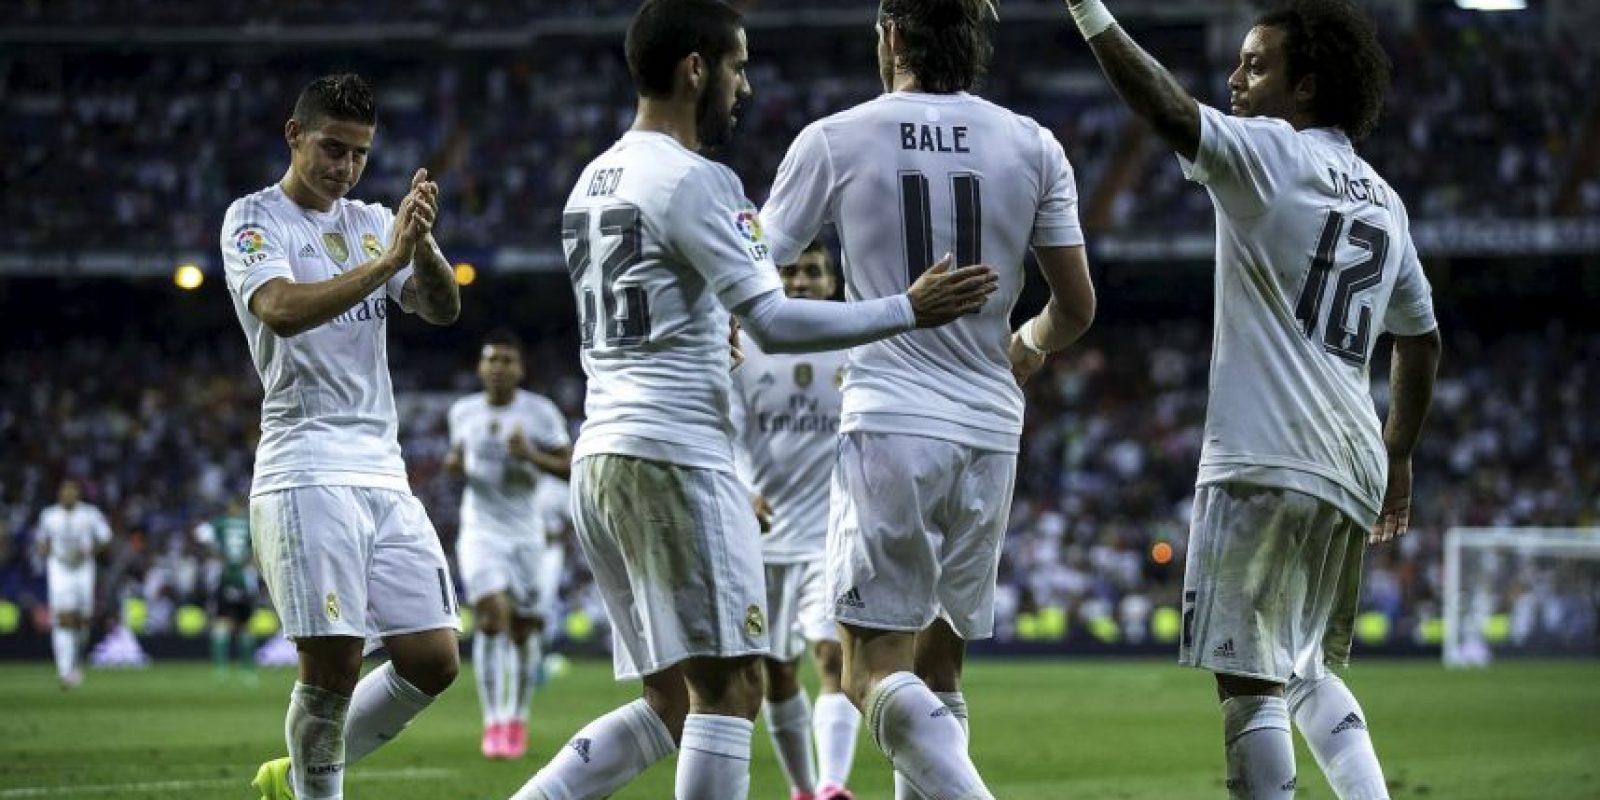 Se encuentran a 12 puntos del líder Barcelona Foto:Getty Images